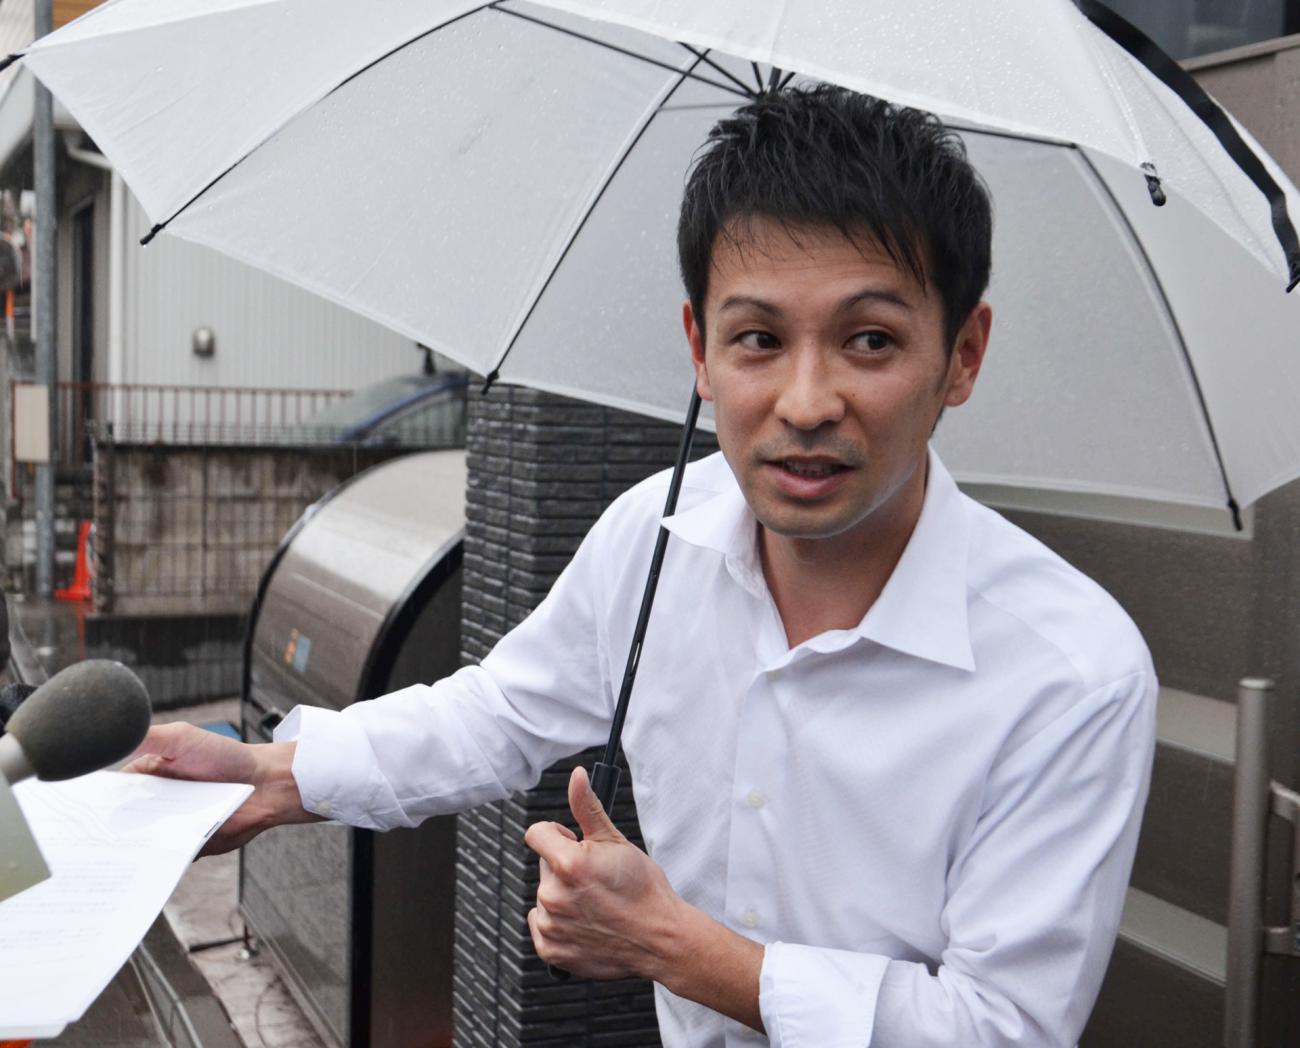 清水アキラ息子の良太郎、違法賭博店に入店認め謝罪 - 芸能 : 日刊スポーツ